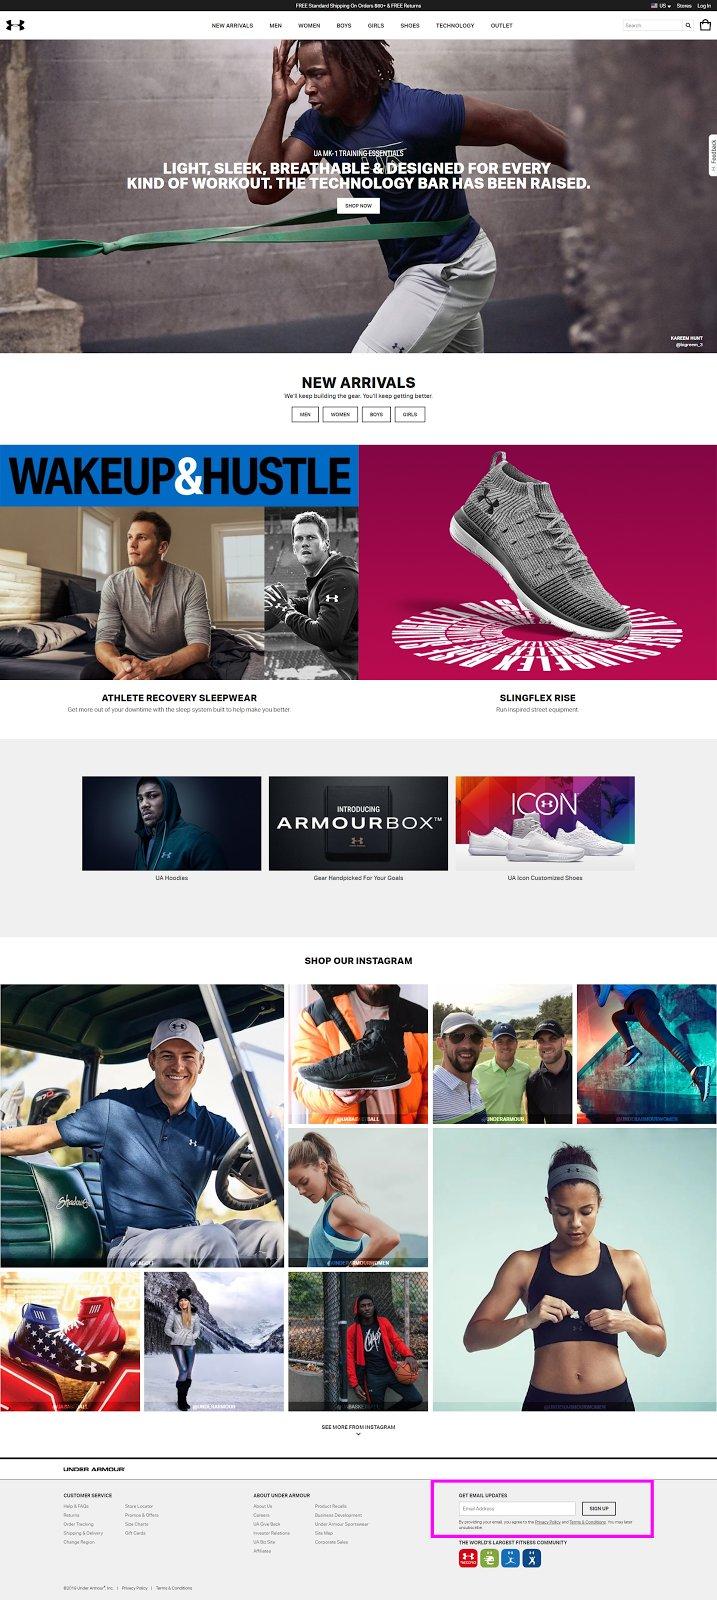 Importancia de los Pop-ups en el Marketing Digital